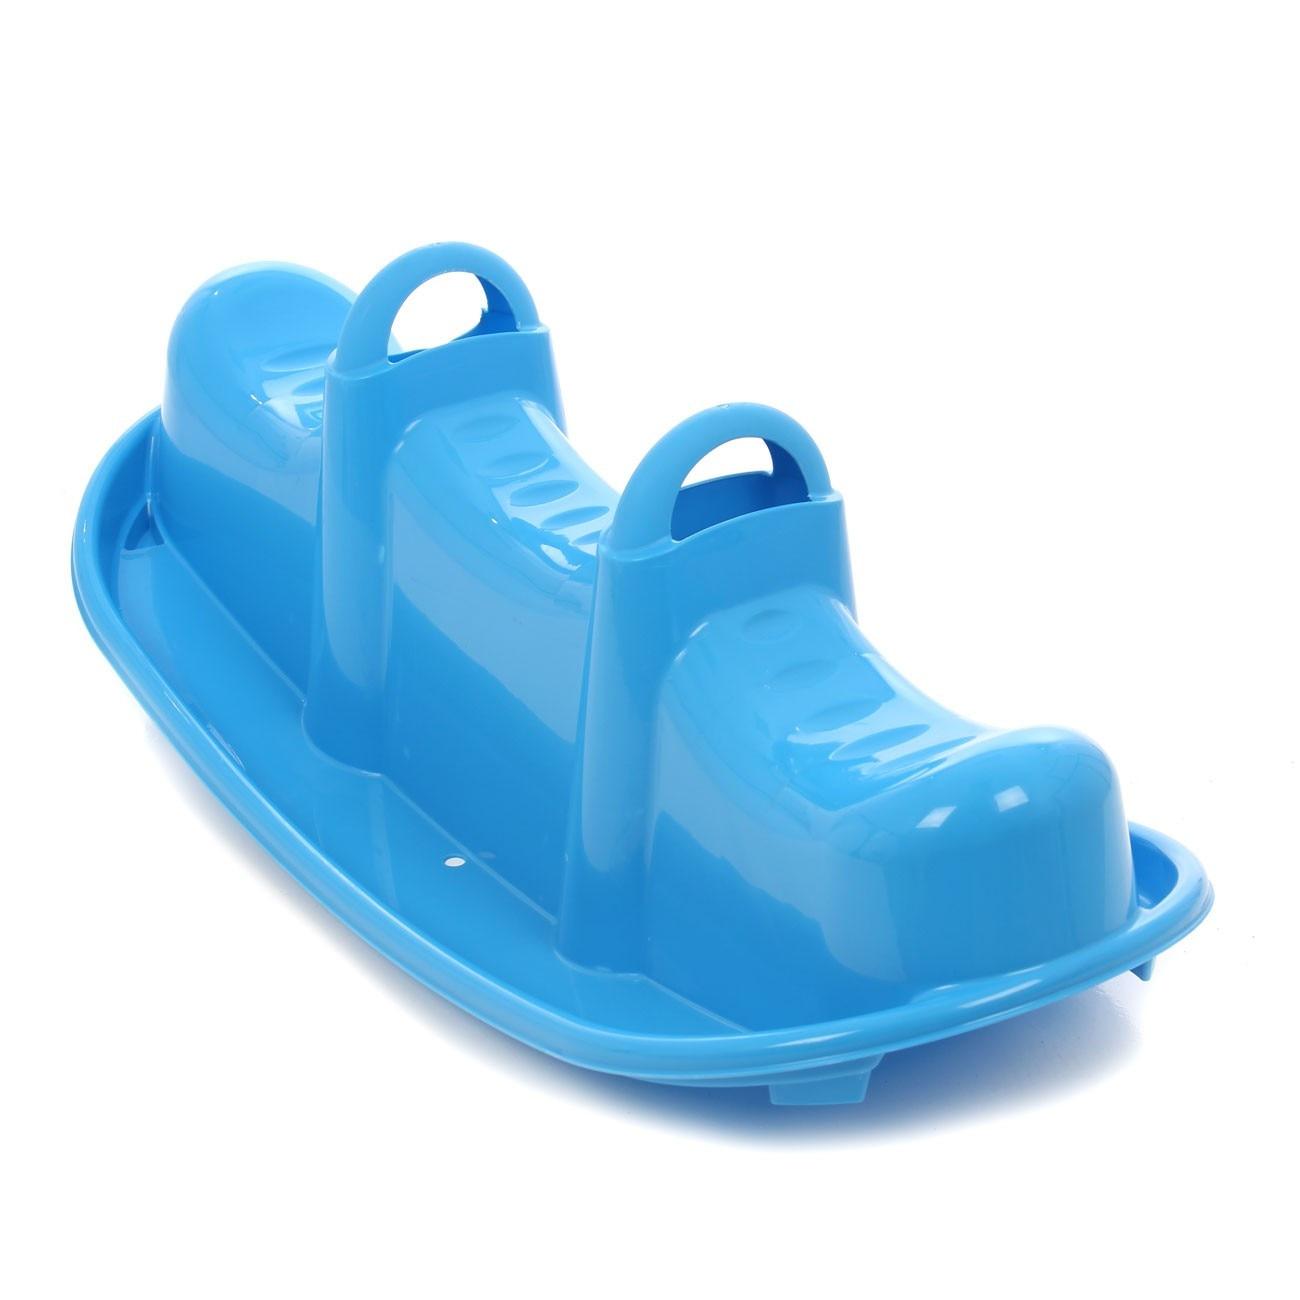 Balansoar Copii Vapor Din Plastic Interior Sau Exterior 103 5 X 43 5 X 36 5 Cm Ats Albastru 3 Locuri Emag Ro